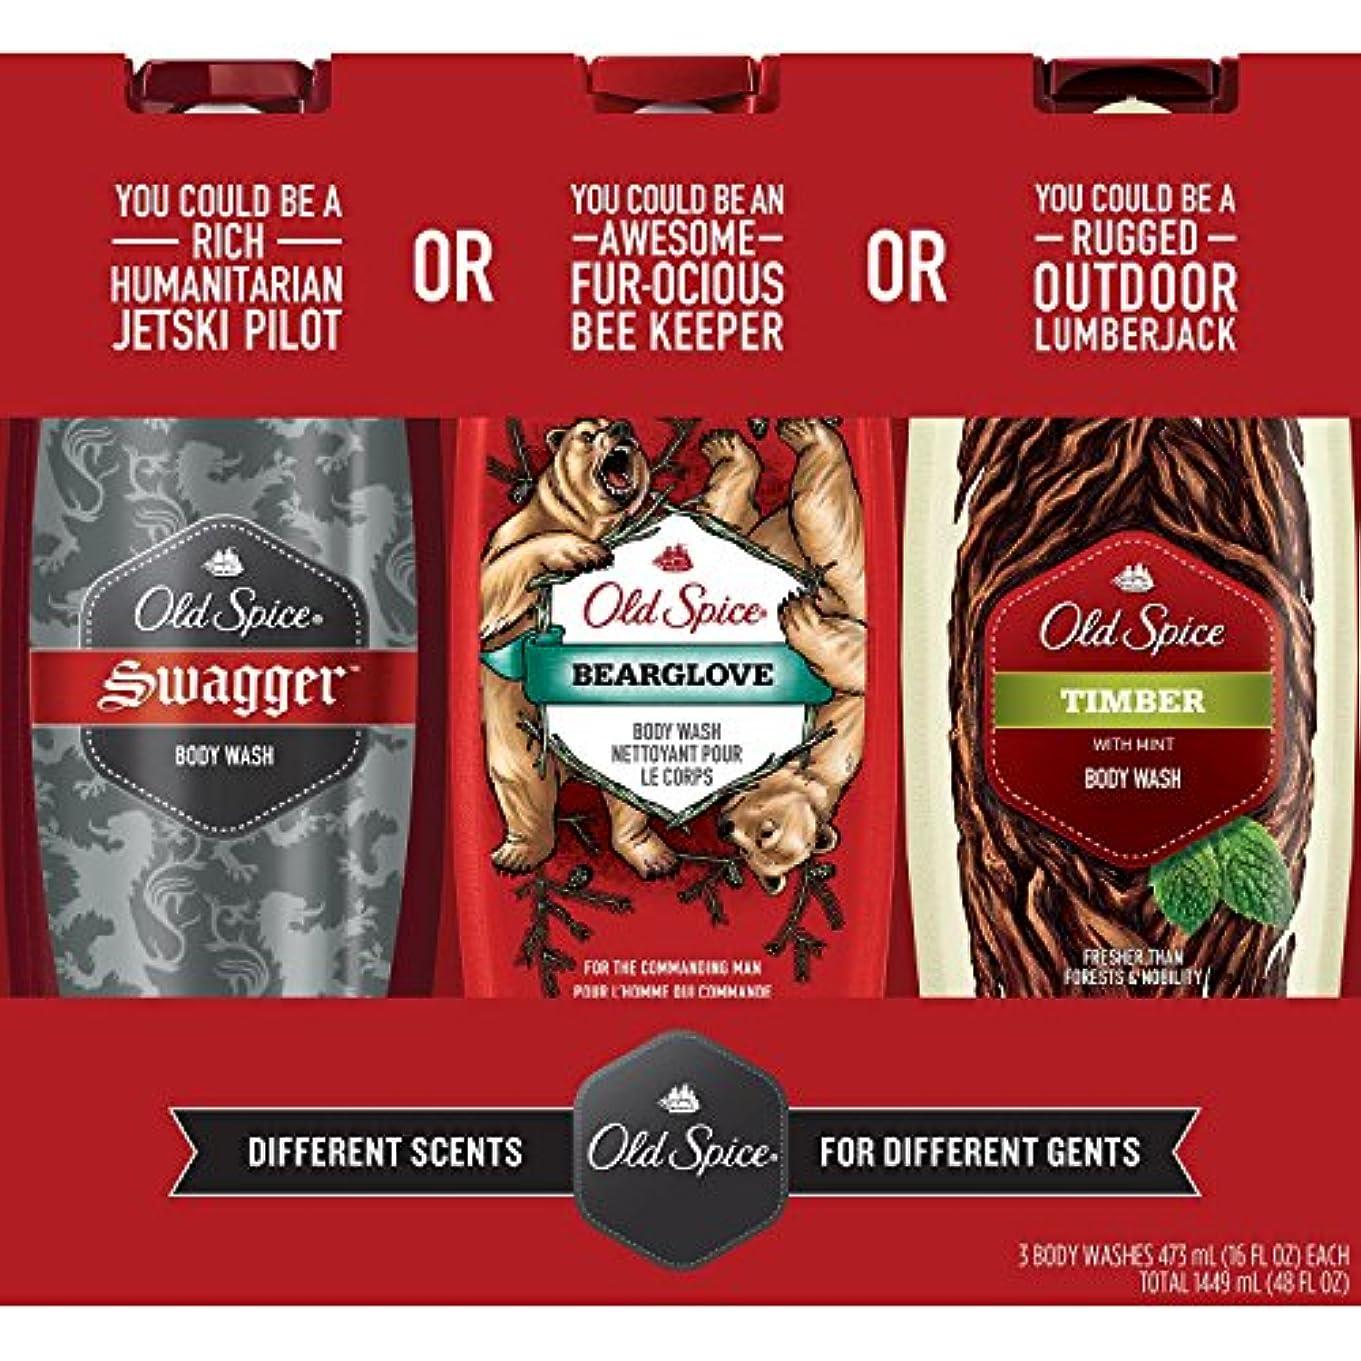 可塑性びん受け入れるOld Spice Body Wash Variety Pack (16 fl. oz., 3 pk by Procter & Gamble [並行輸入品]